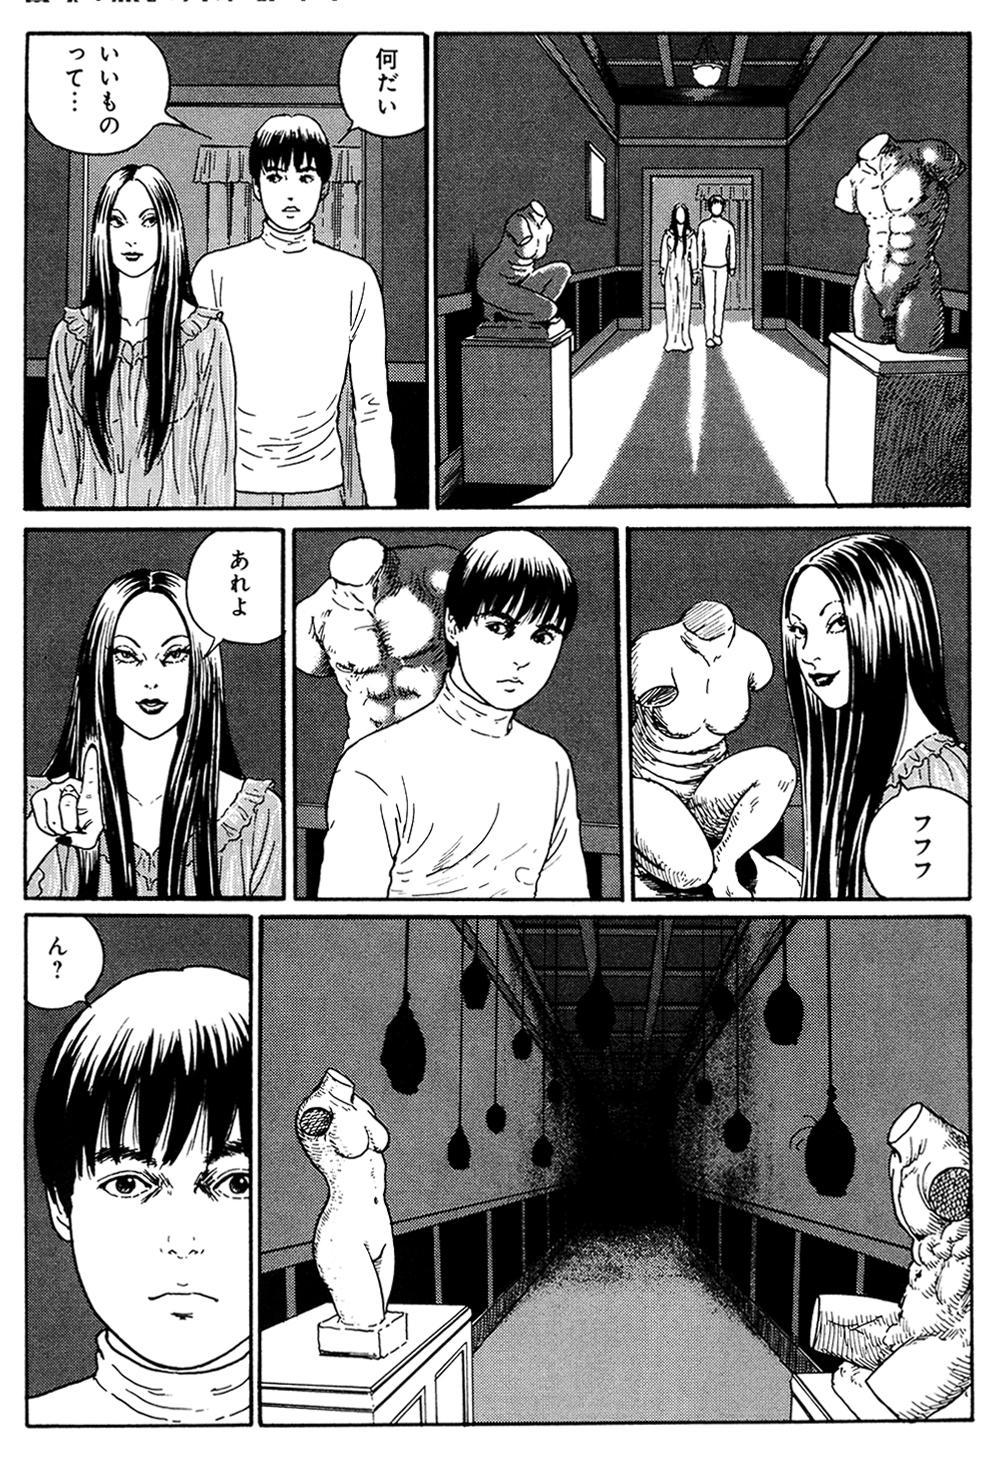 魔の断片 第3話「富夫・赤いハイネック」②jisen06-01.jpg